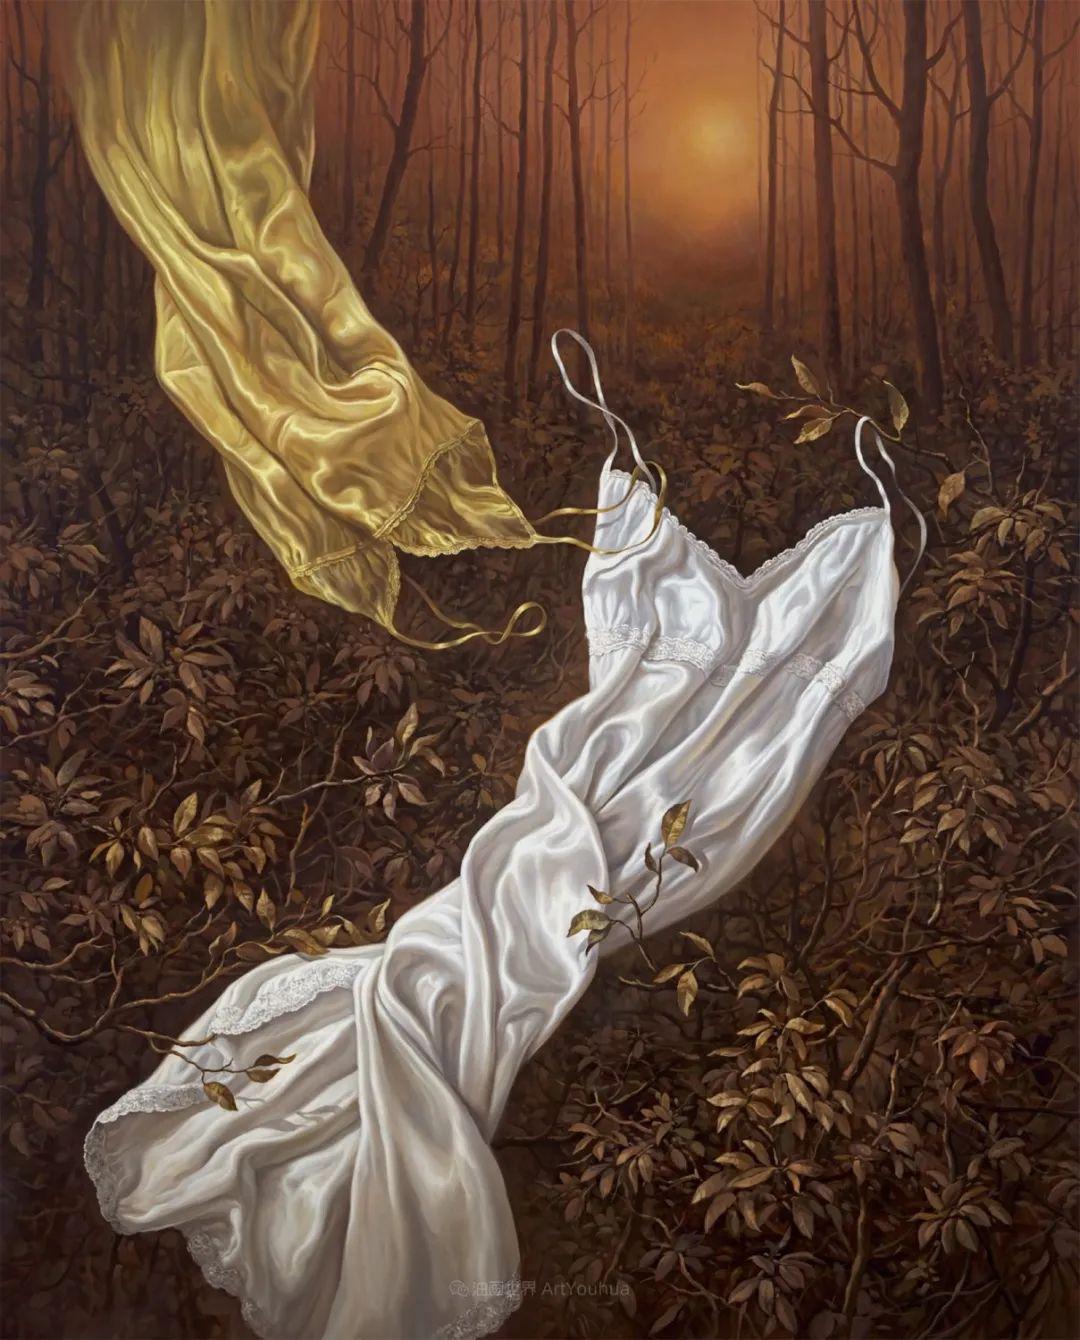 西班牙超现实主义画家阿尔贝托·潘科博插图50